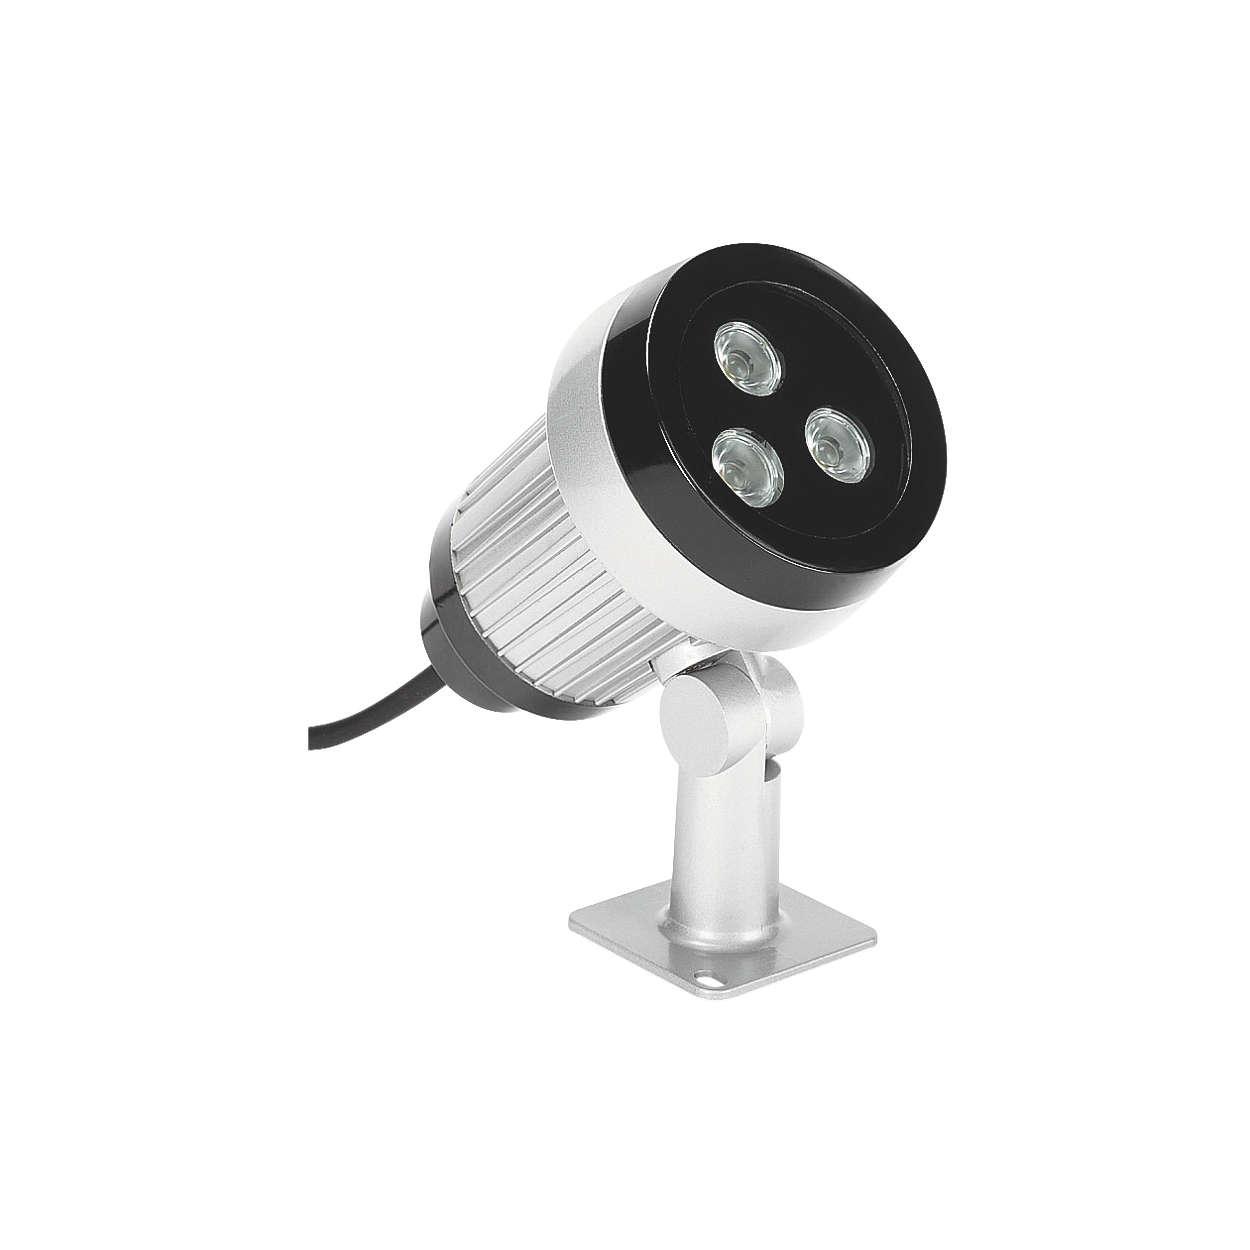 Vaya LED Spot – iluminação de fachada confiável